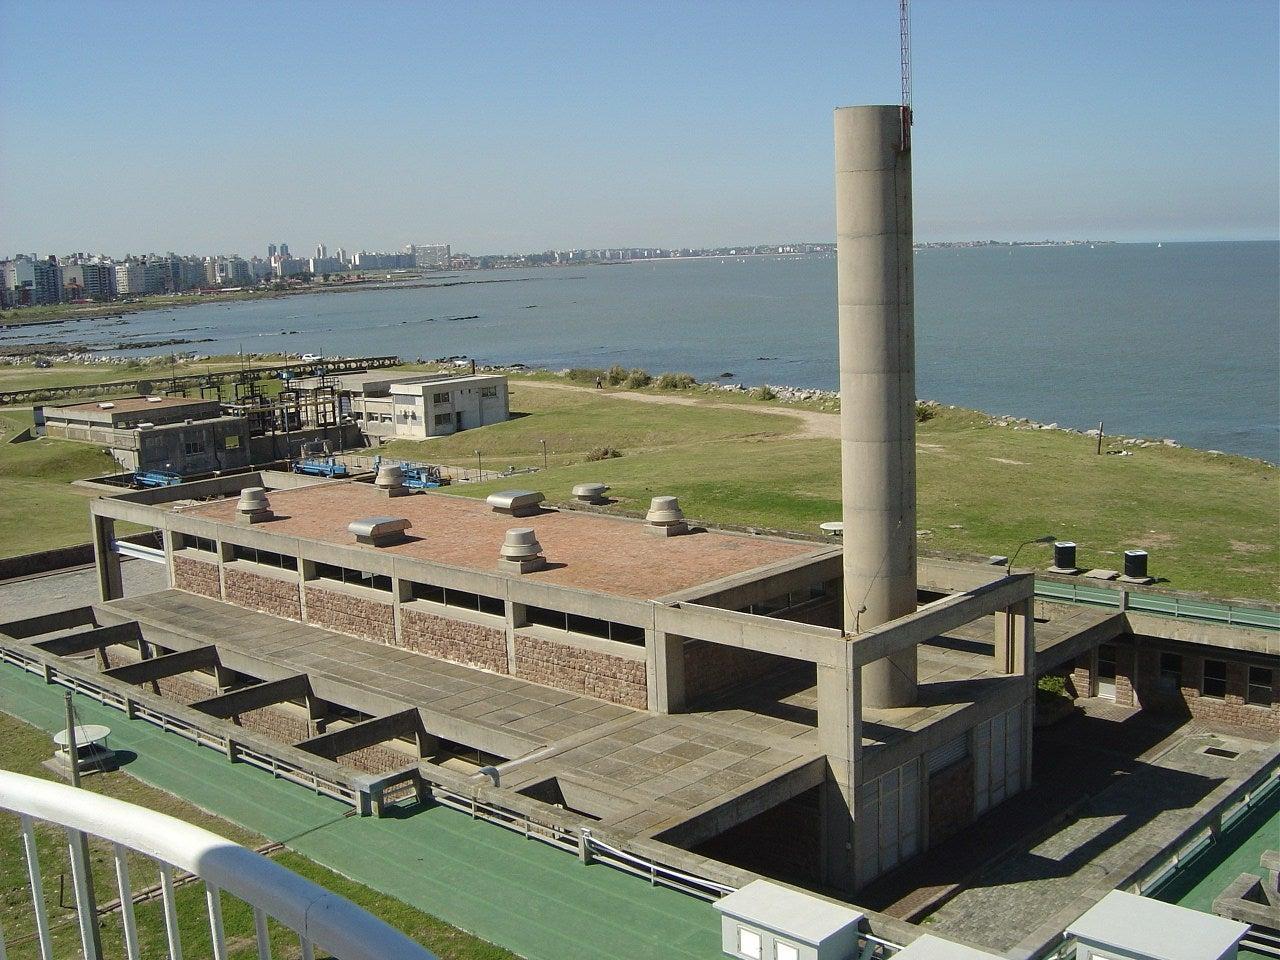 Estación de Bombeo principal que impulsa las aguas residuales al Río de la Plata a través del emisario subfluvial de Punta Carretas.